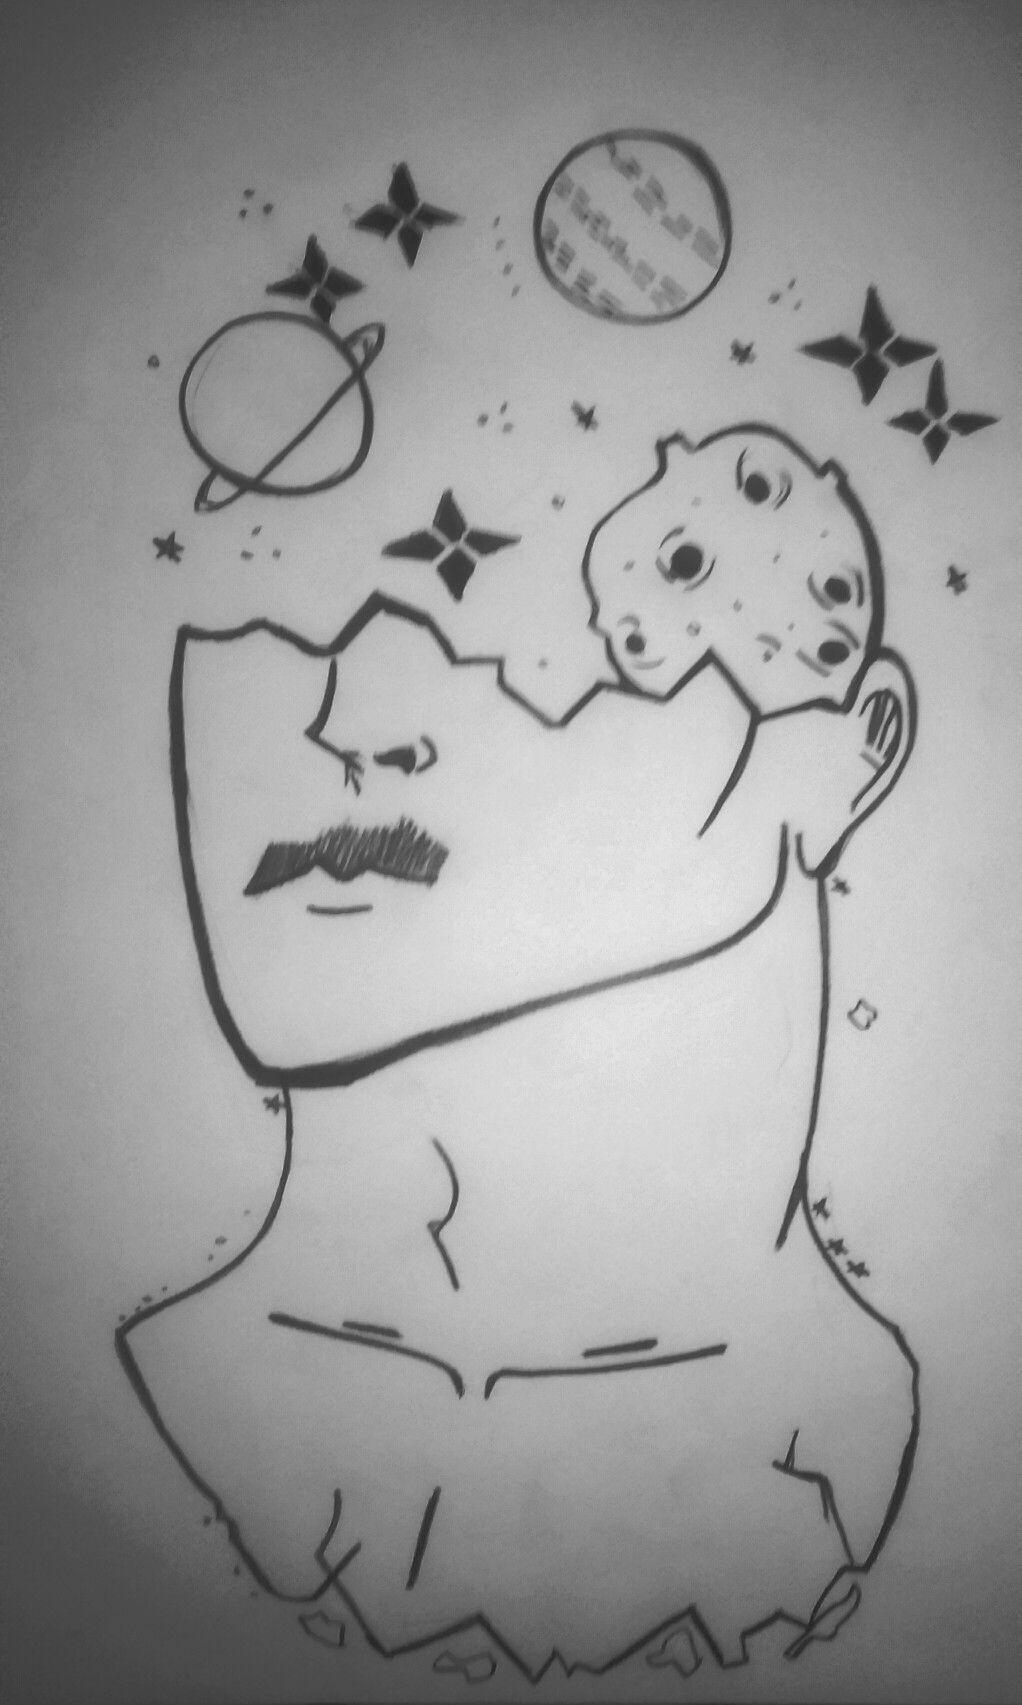 انا أحب رسمات الفضاء لهيك في كل رسمة أرسم كوكب وغيره أحس أحلا بتصير الرسمة Essma2004 Homescreen Wallpaper Small Tattoos Art